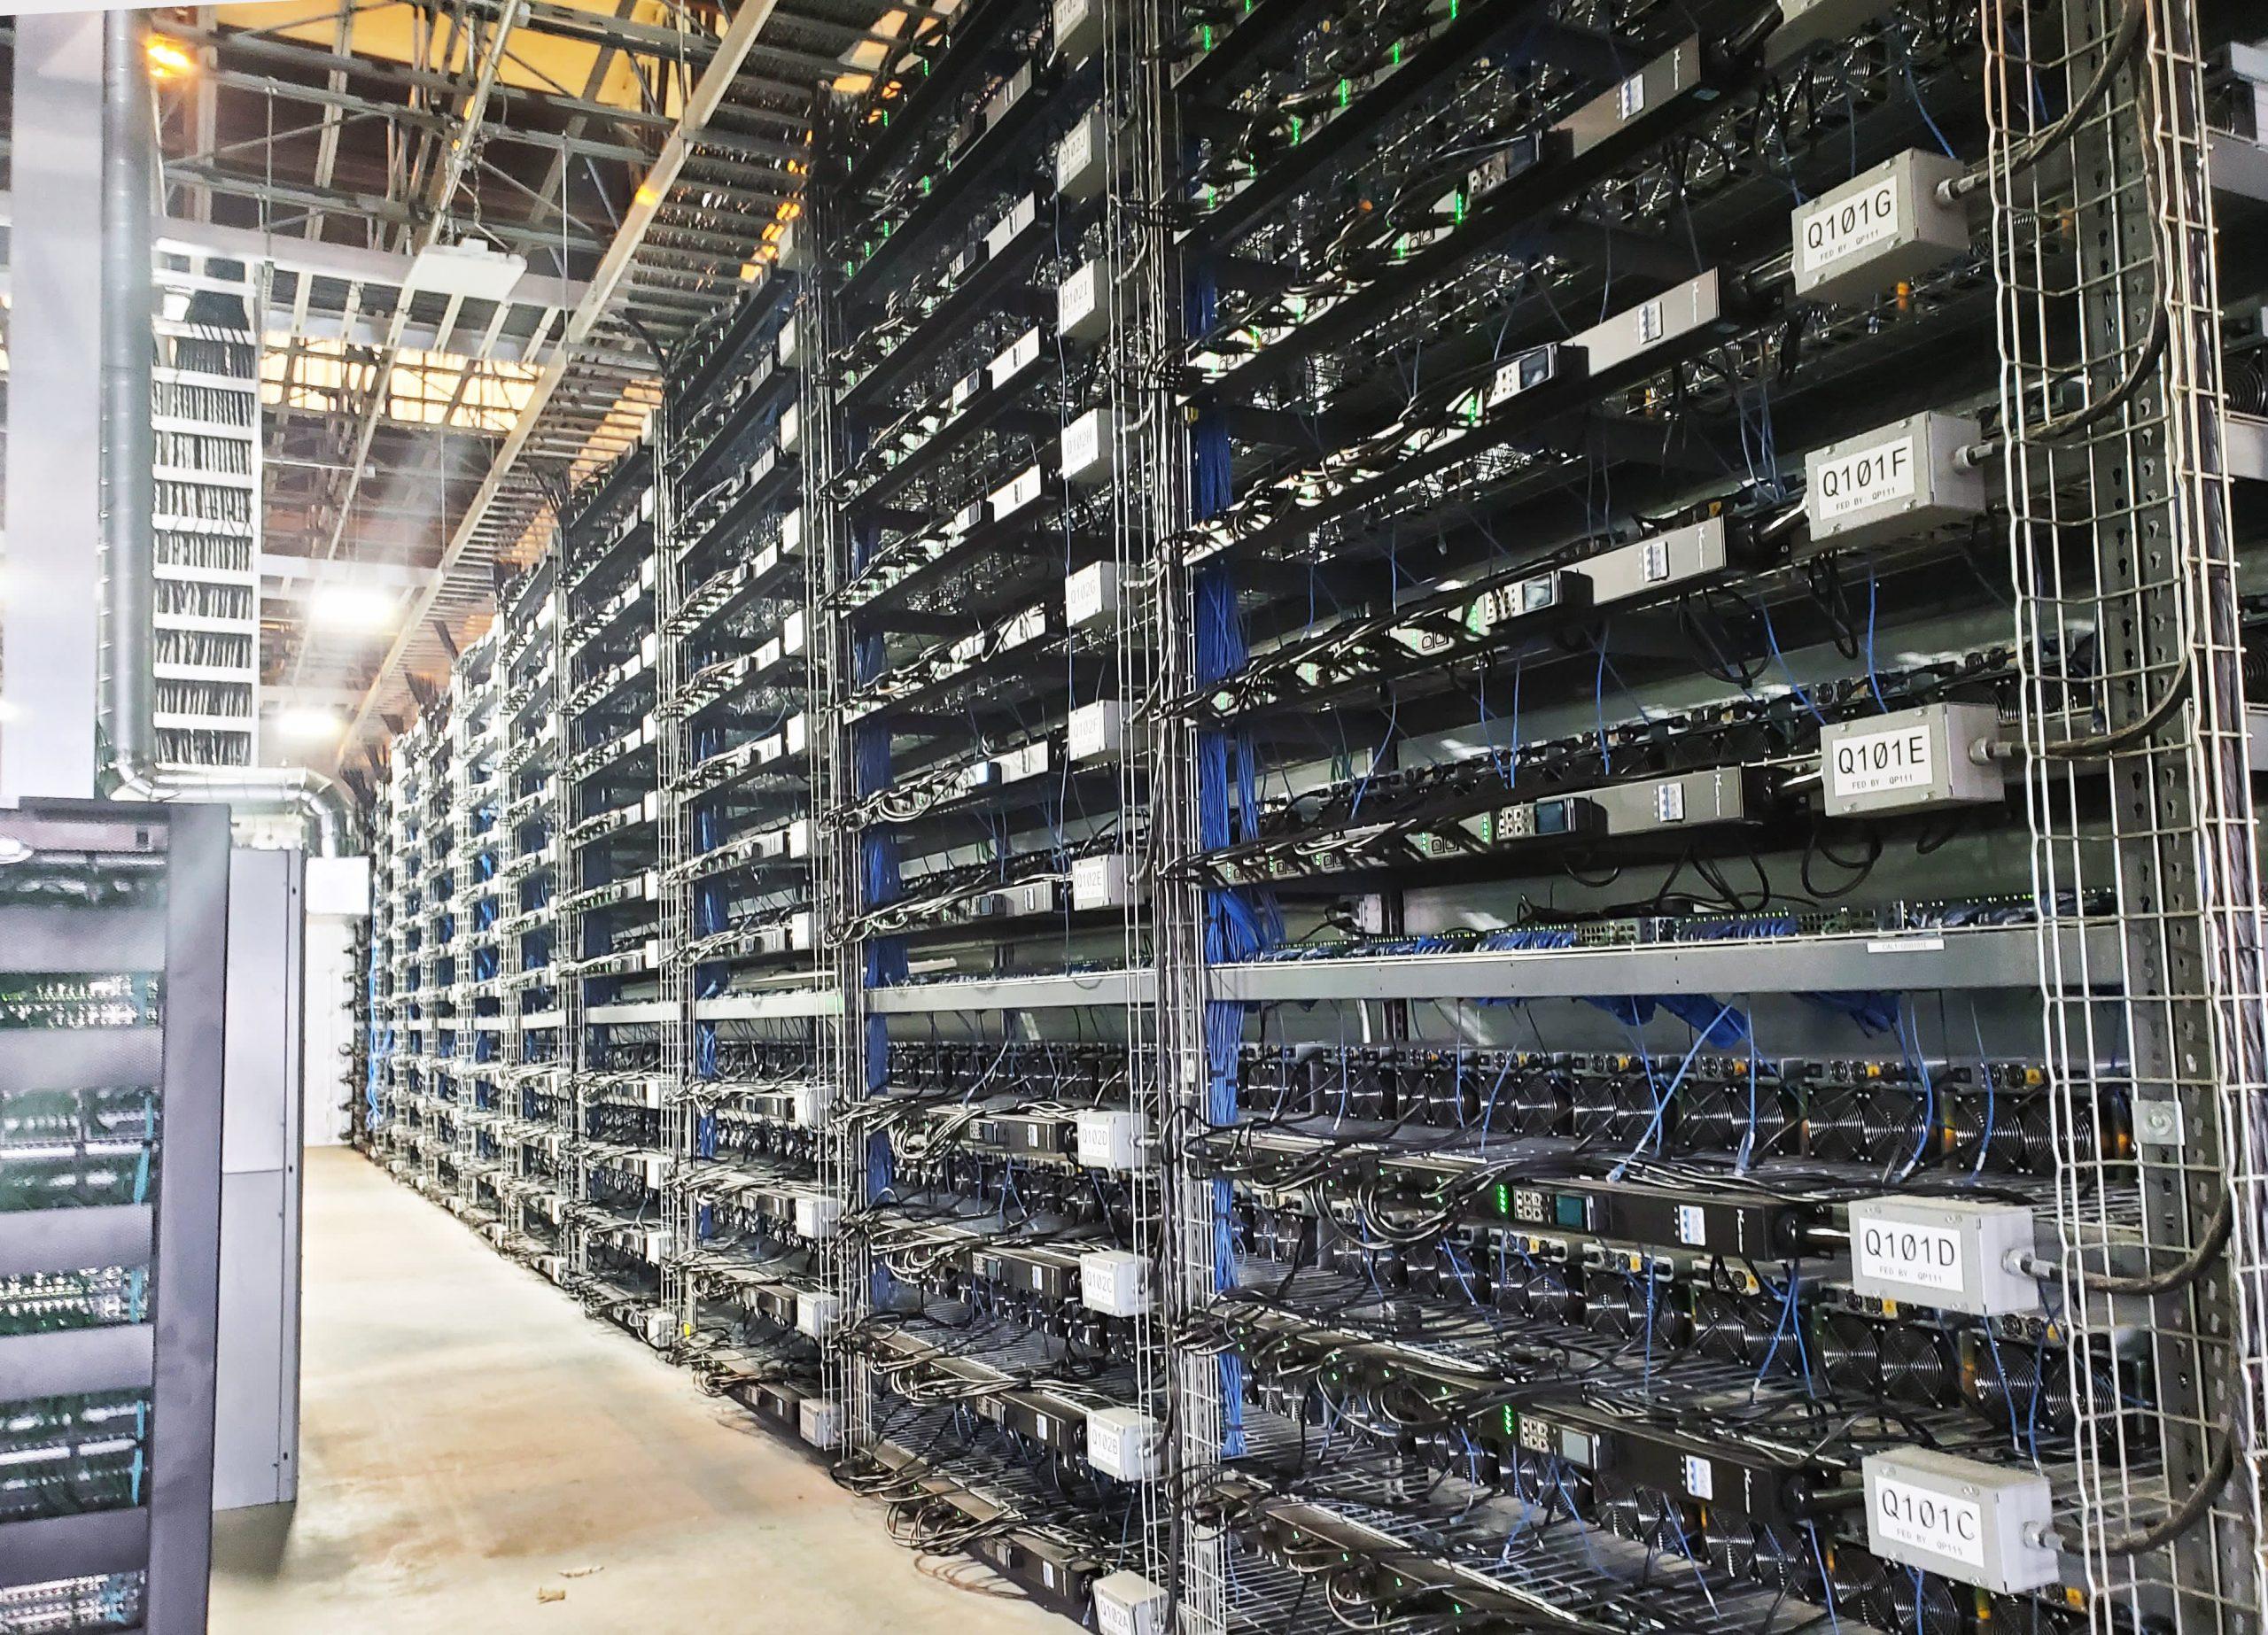 Cryptomining operator Core Scientific going public via SPAC